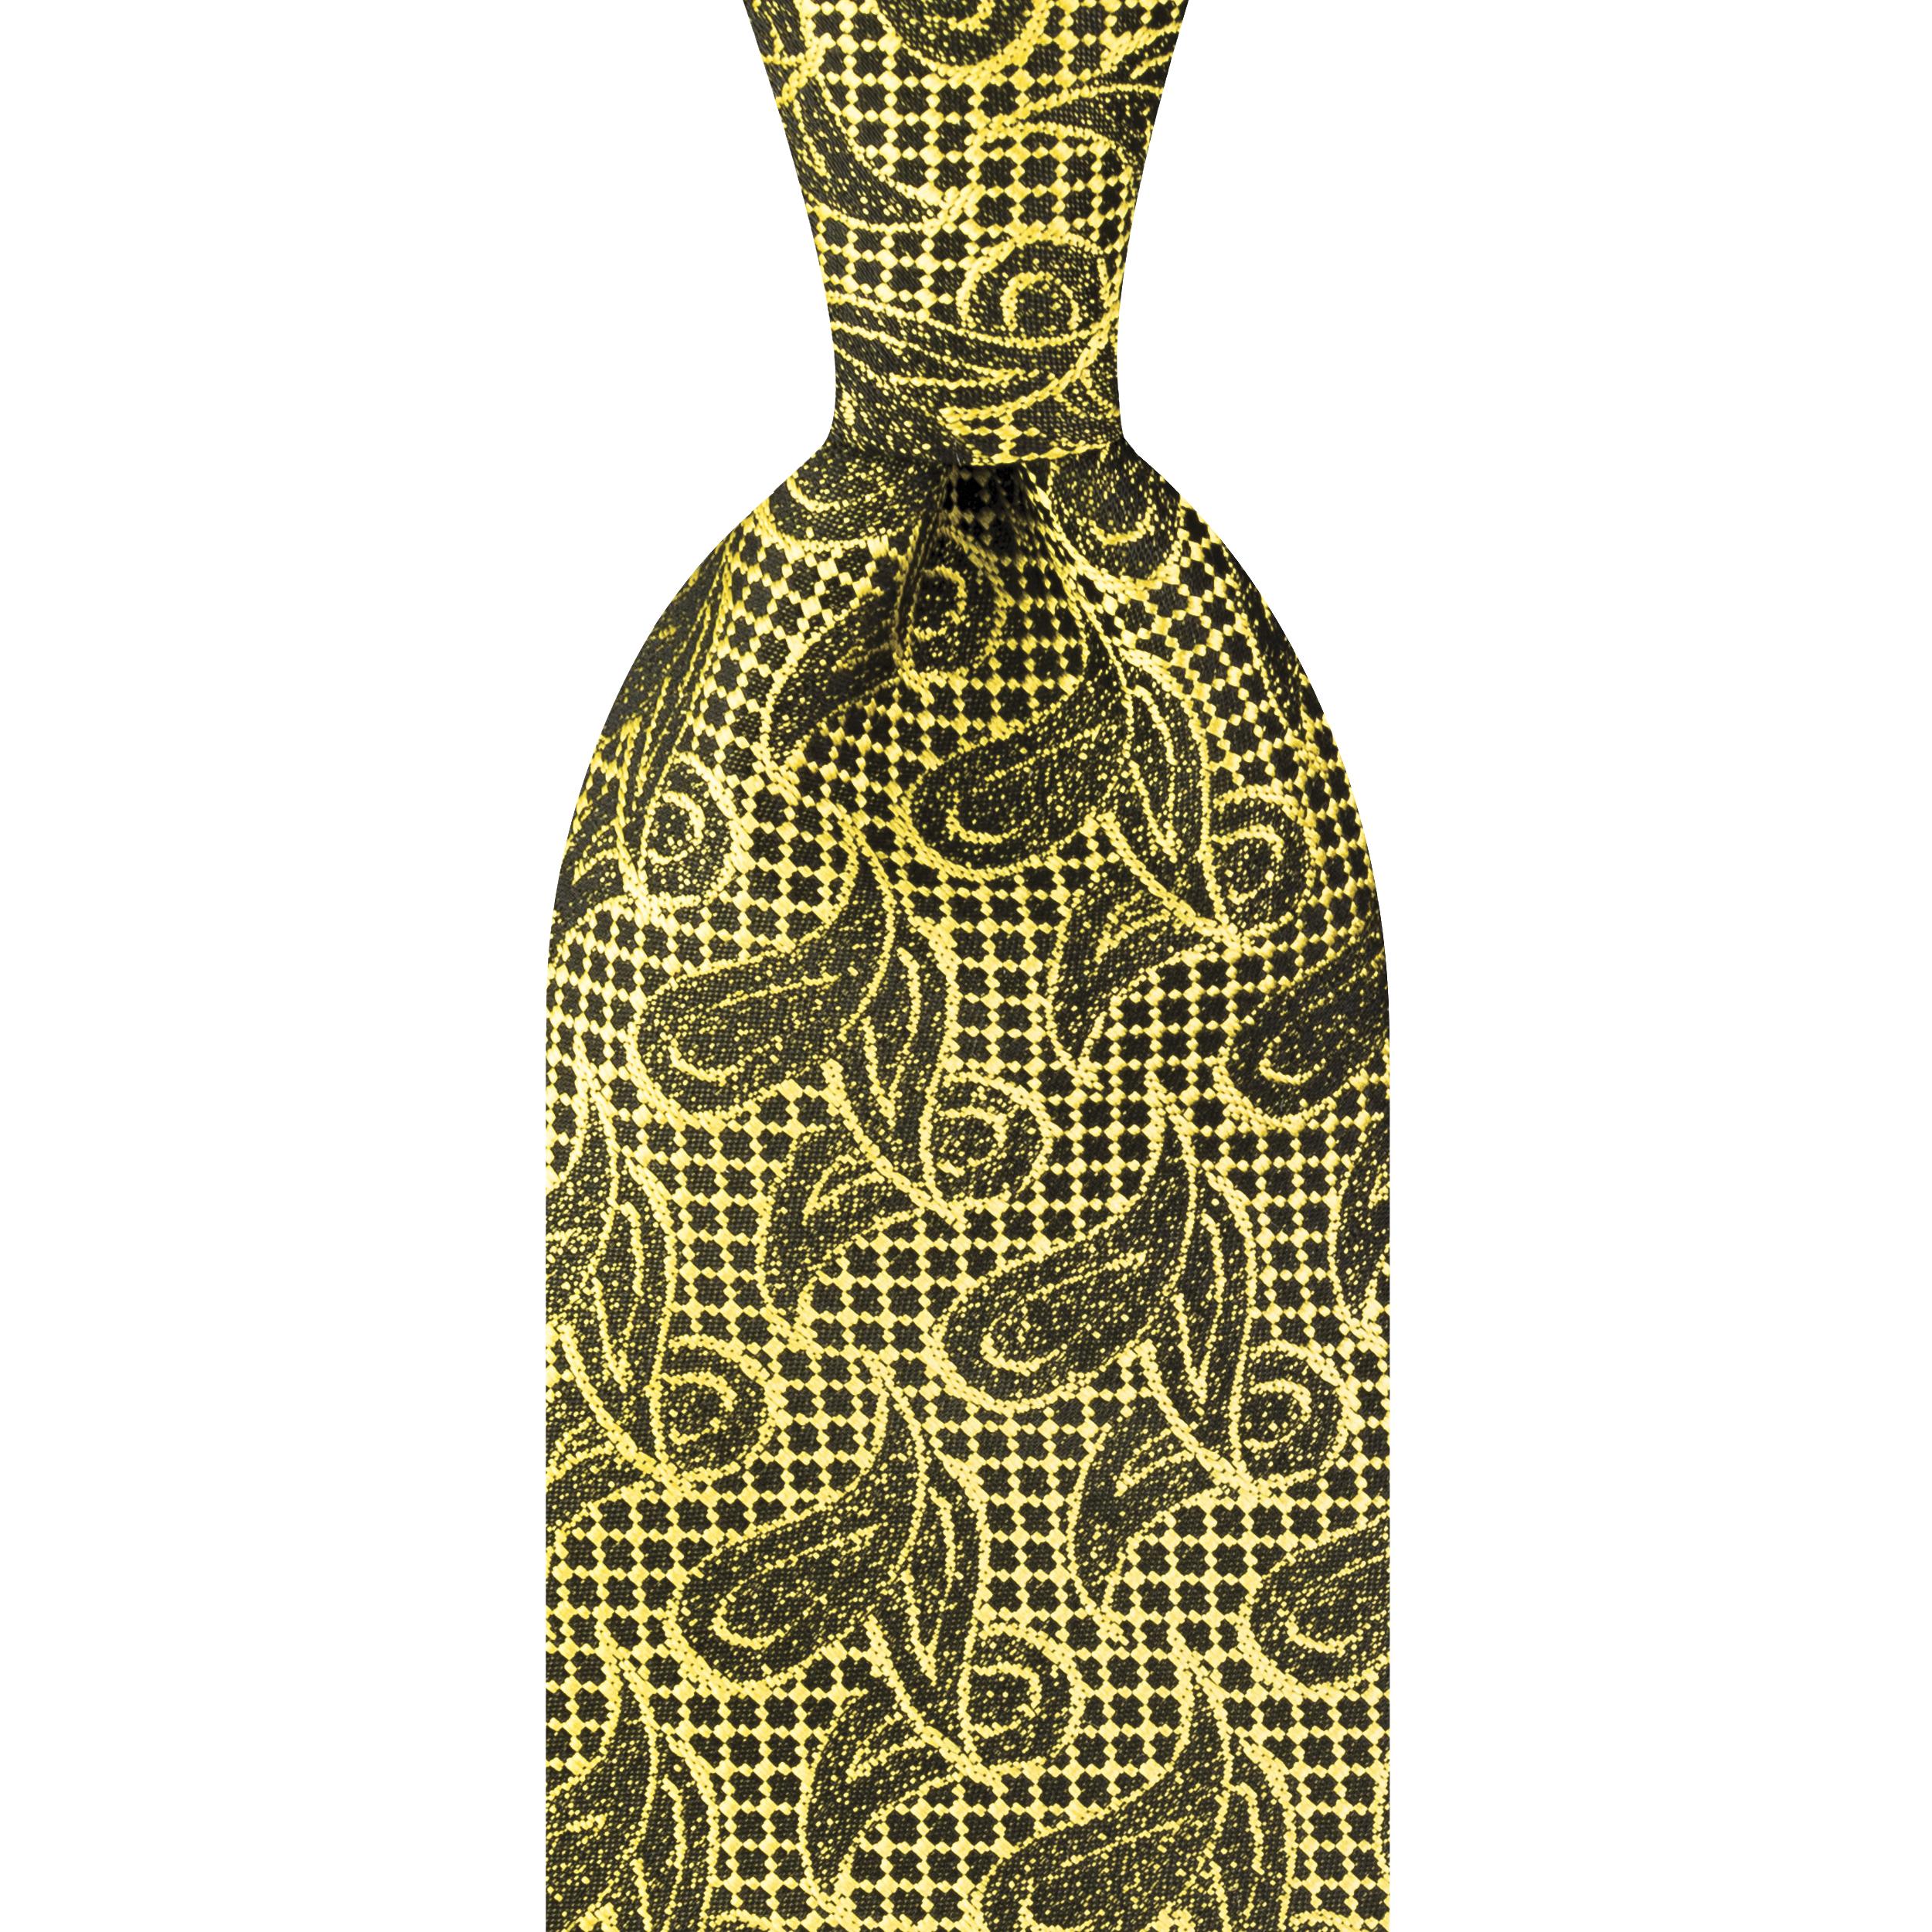 ست کراوات و دستمال جیب و گل کت مردانه جیان فرانکو روسی مدل GF-PA928-GO -  - 3